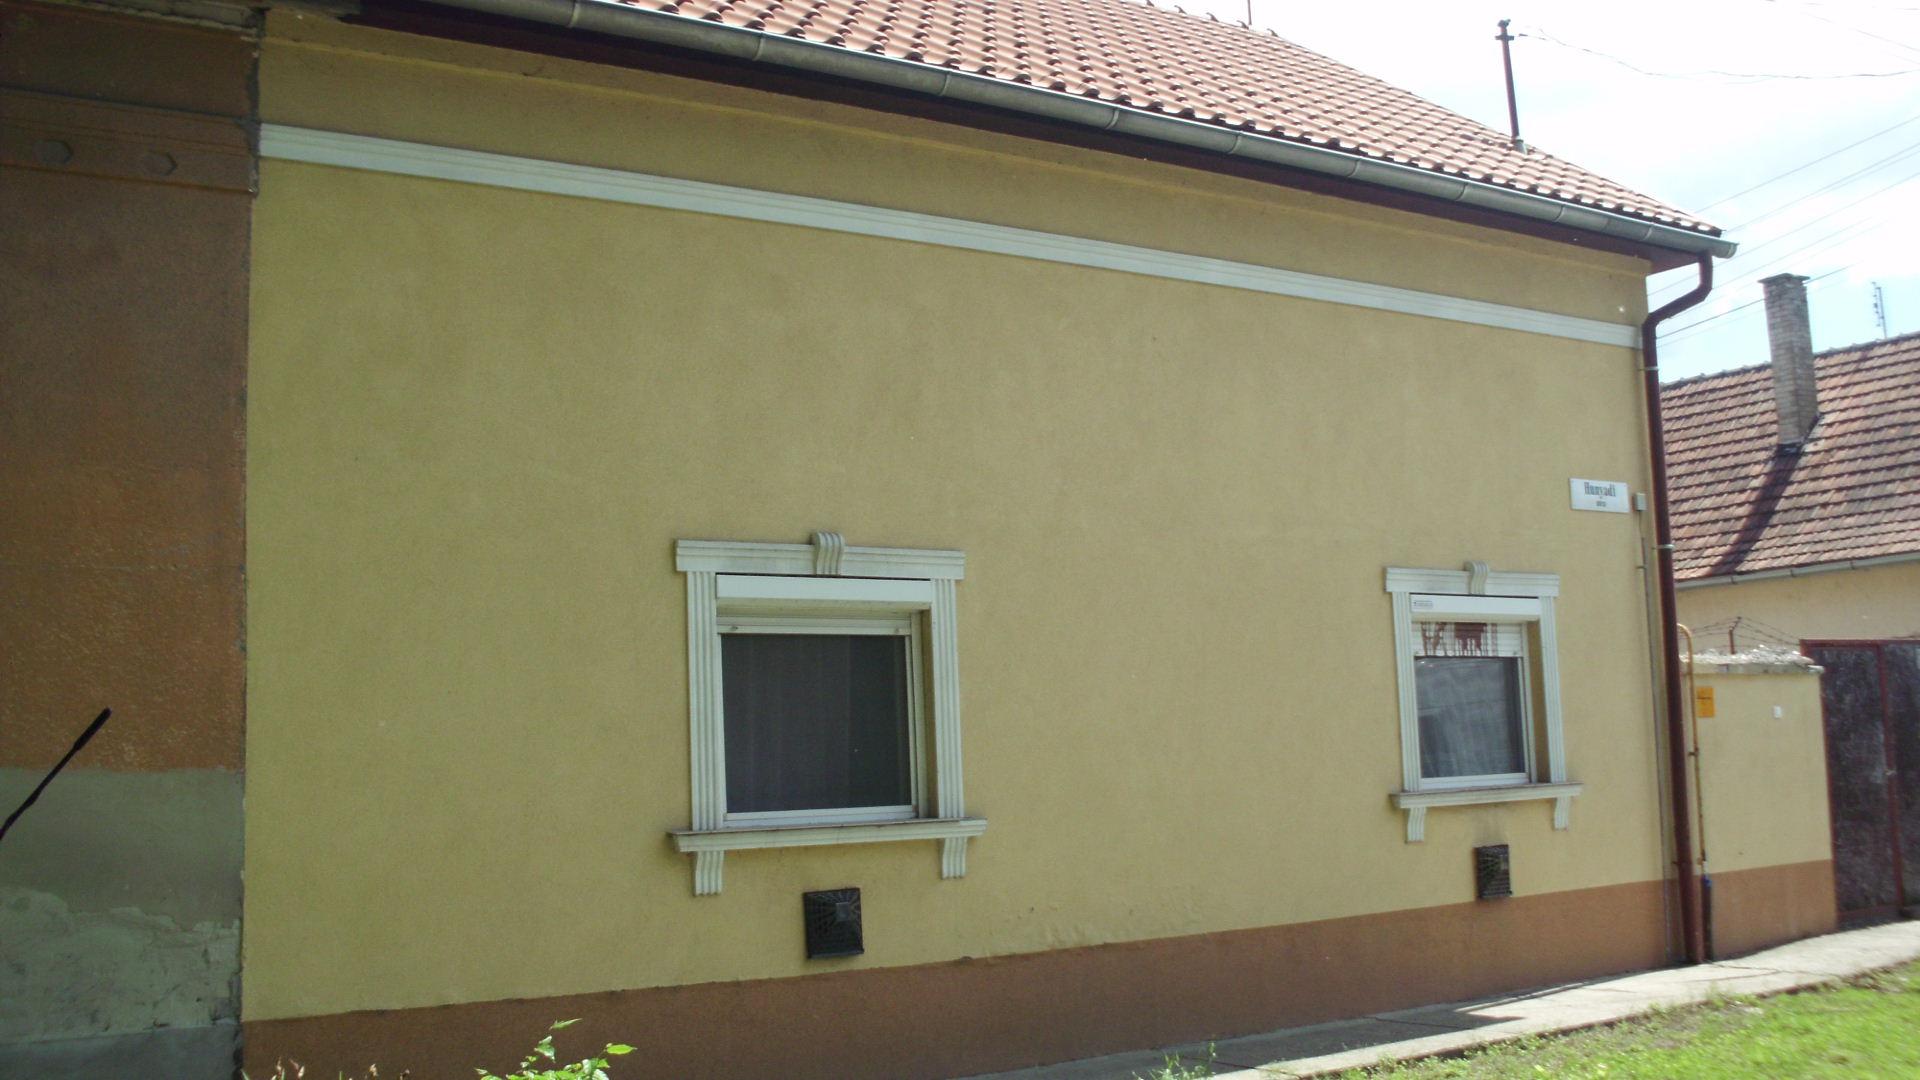 Kiskunhalas, Hunyadi utcában 2 szobás lakóház eladó